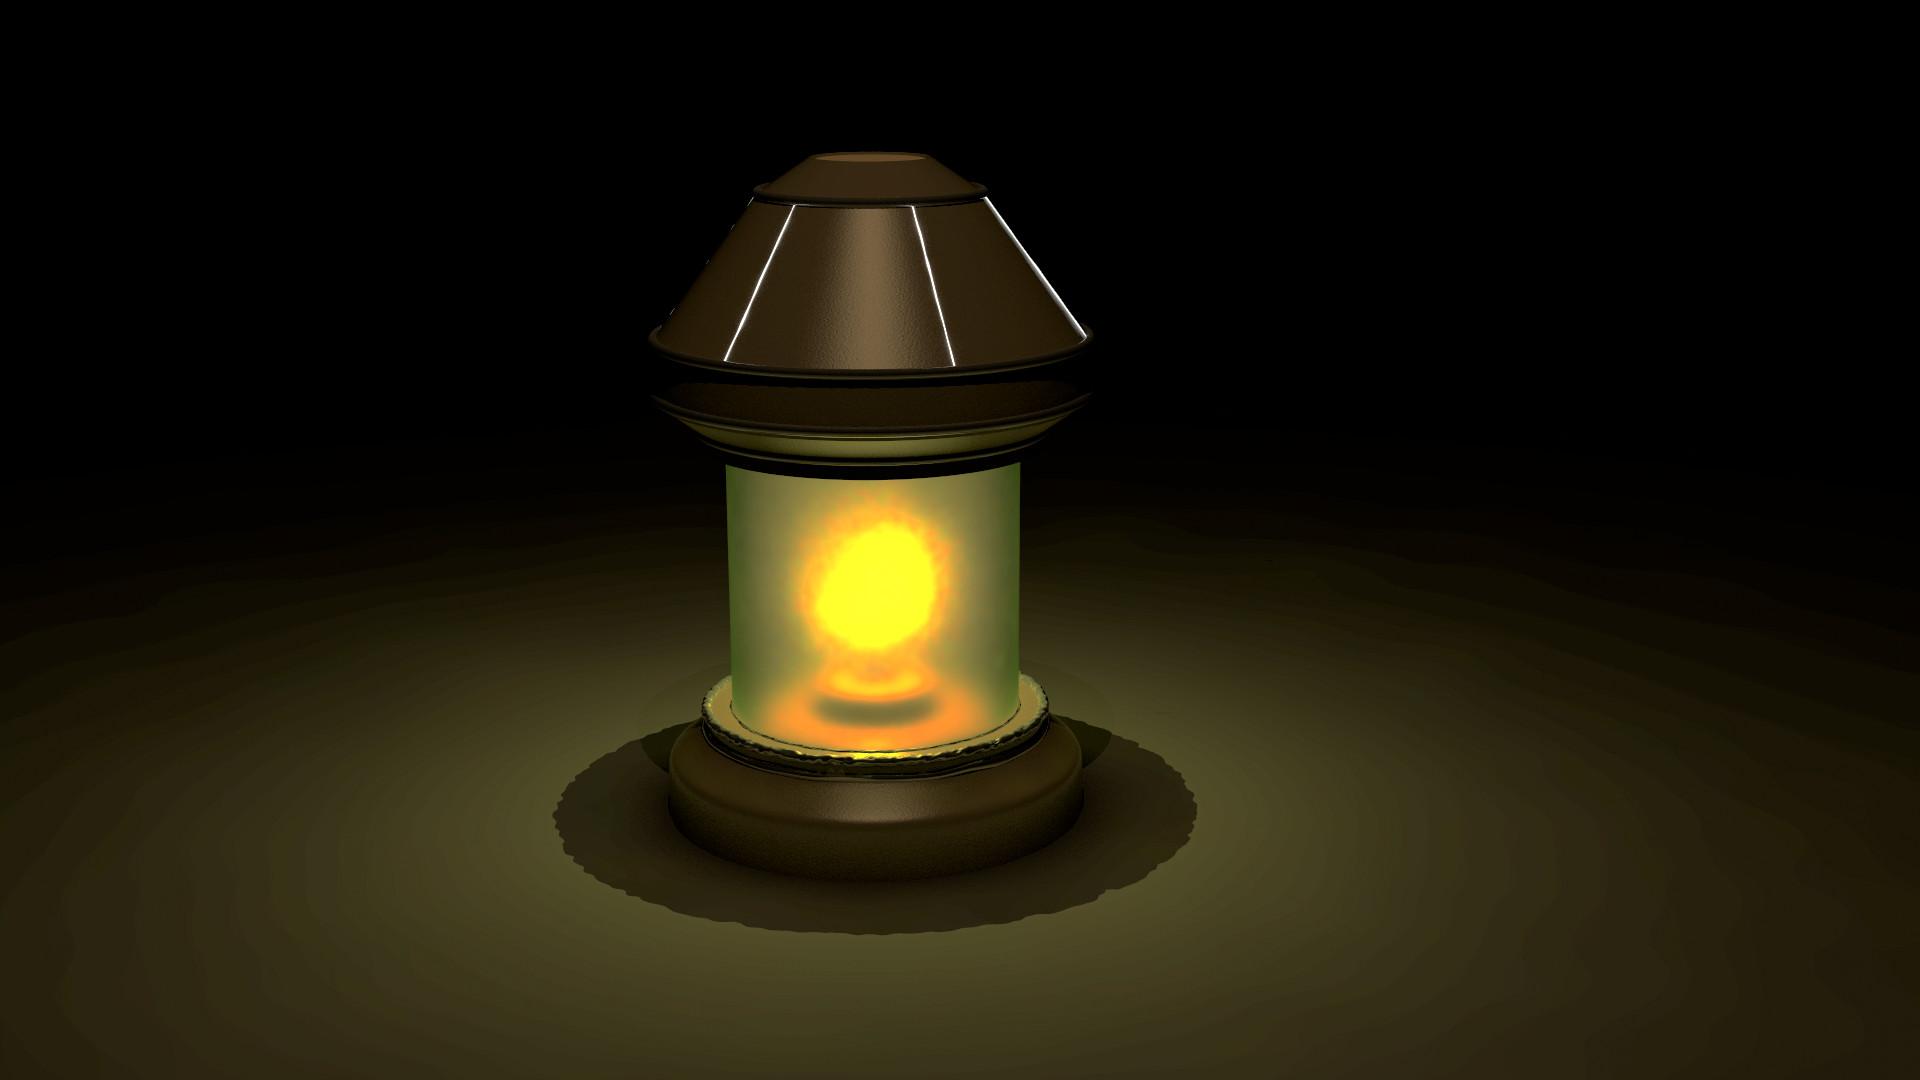 JP Haugen - Sympathy Lamp